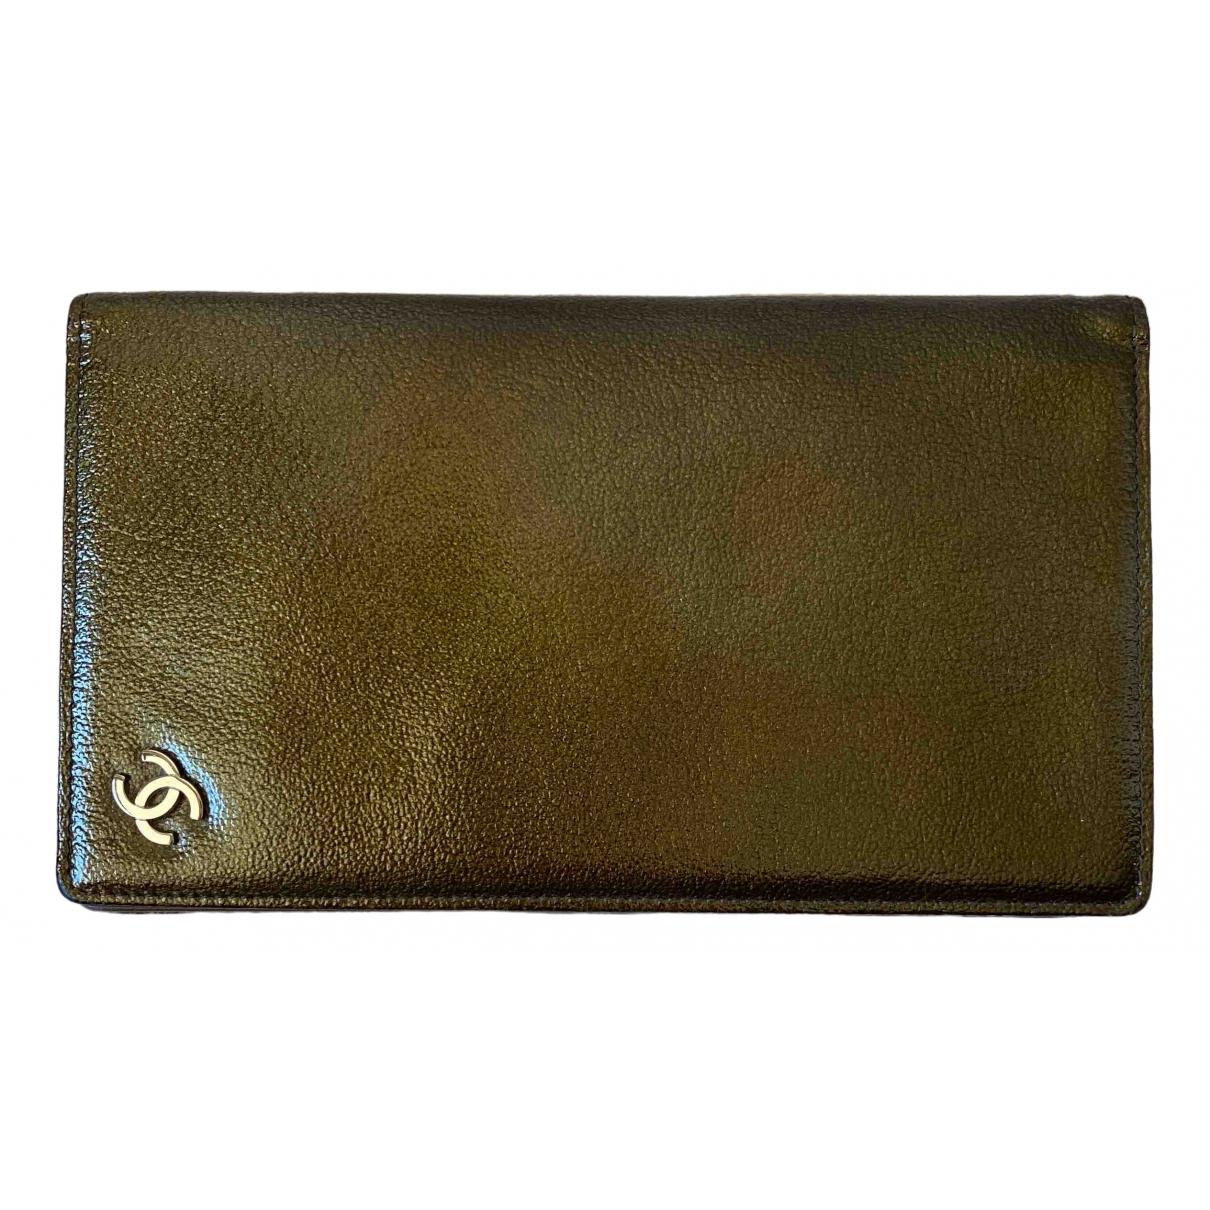 Chanel - Portefeuille Timeless/Classique pour femme en cuir verni - kaki